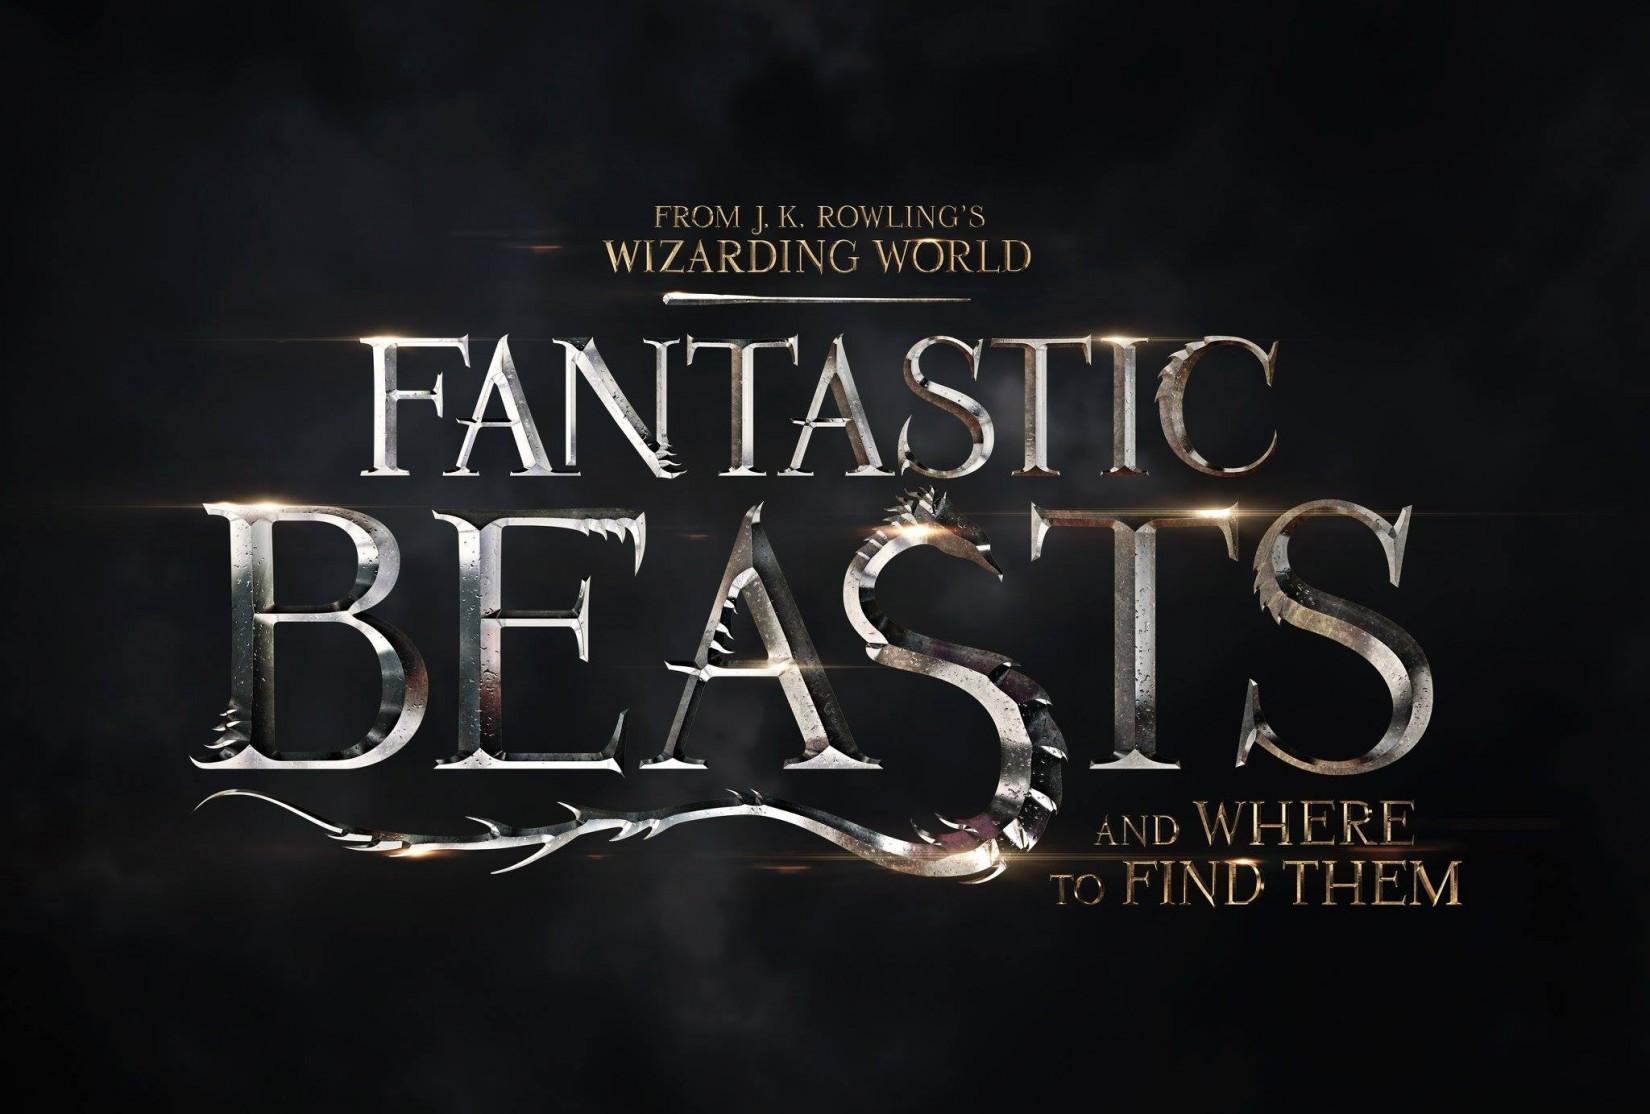 Fantastic Beasts font? - forum   dafont.com